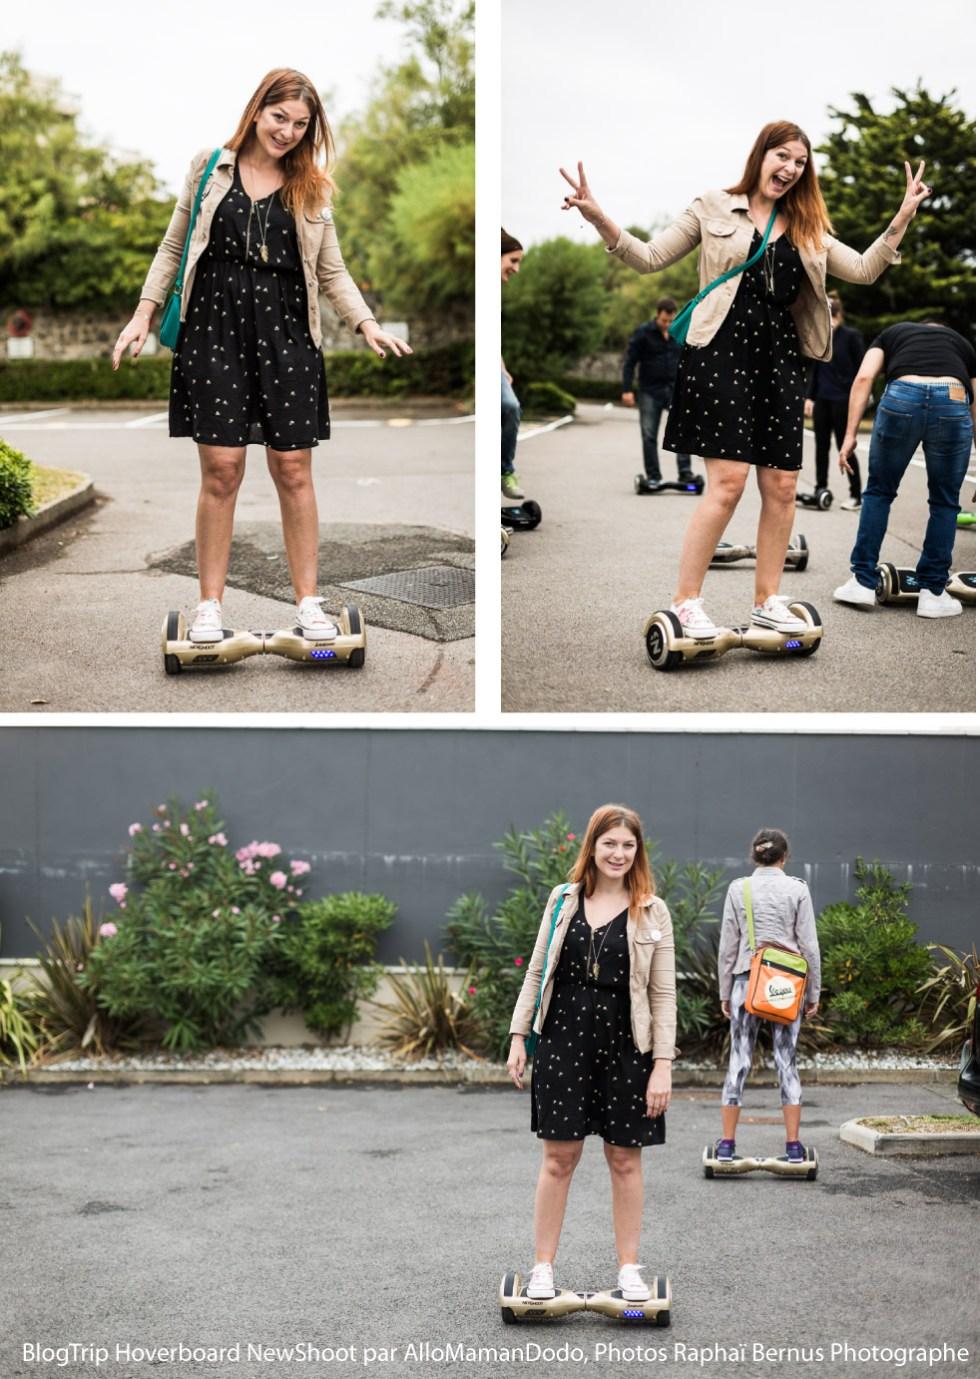 essai-hoverboard-allomamandodo